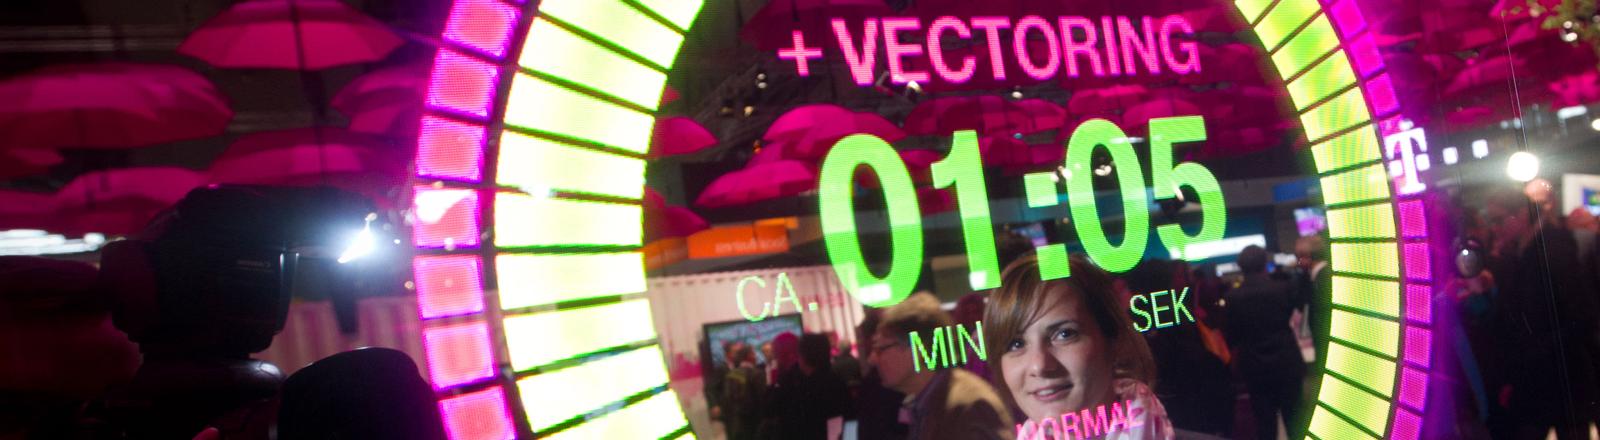 Die Vectoring-Technologie wird am 11.03.2014 auf der CeBIT Messe in Hannover (Niedersachsen) auf dem Stand der Telekom visuell dargestellt.